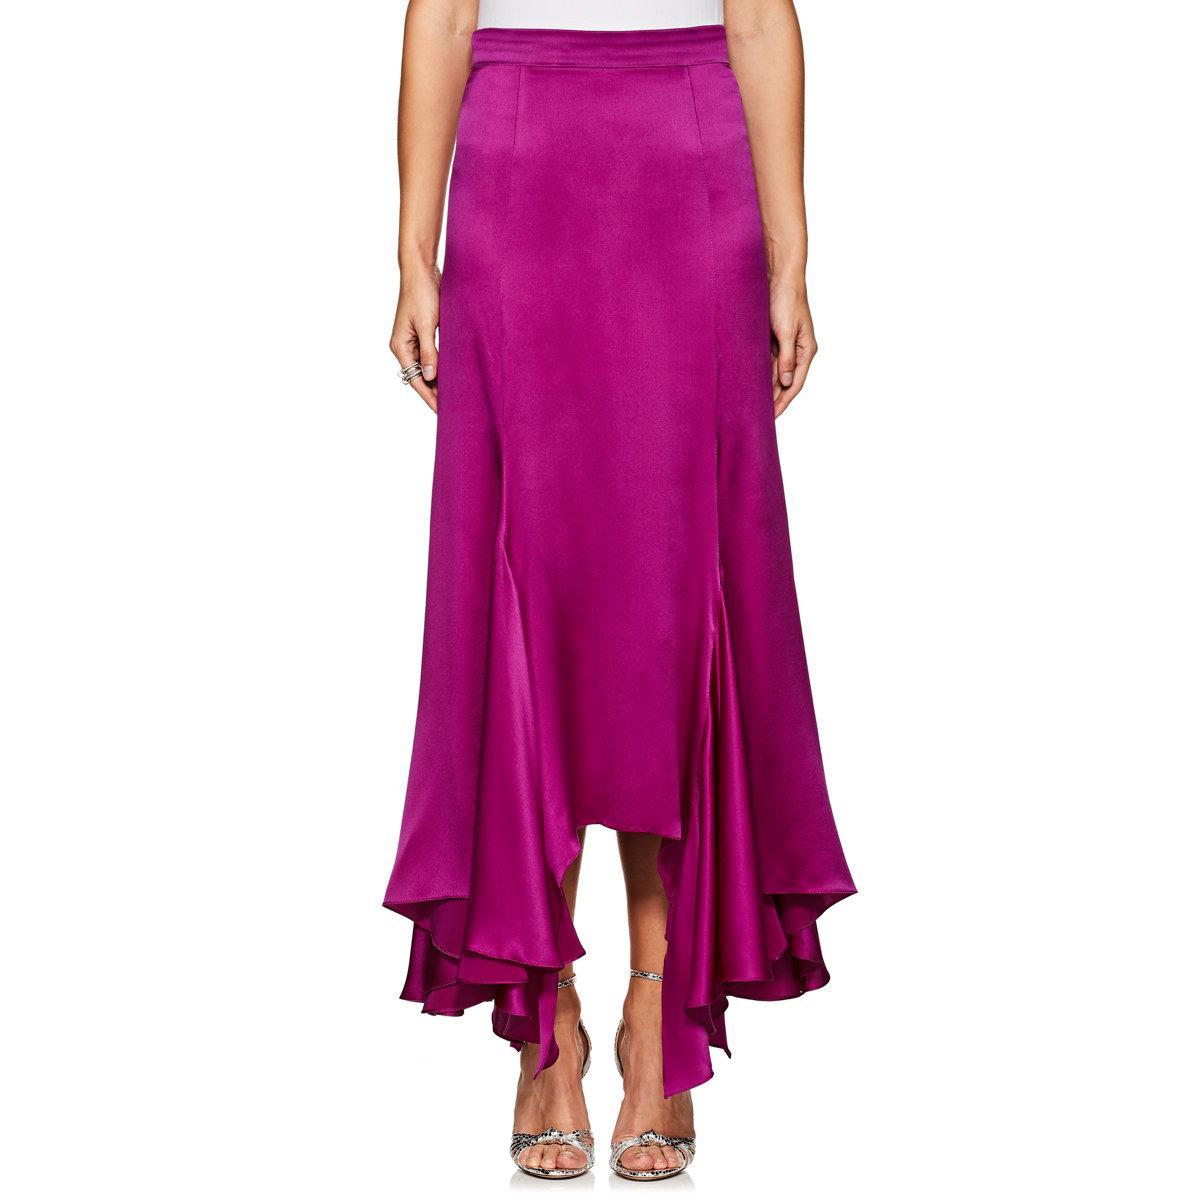 Splendid silk ruffle skirt Her panting/heavy